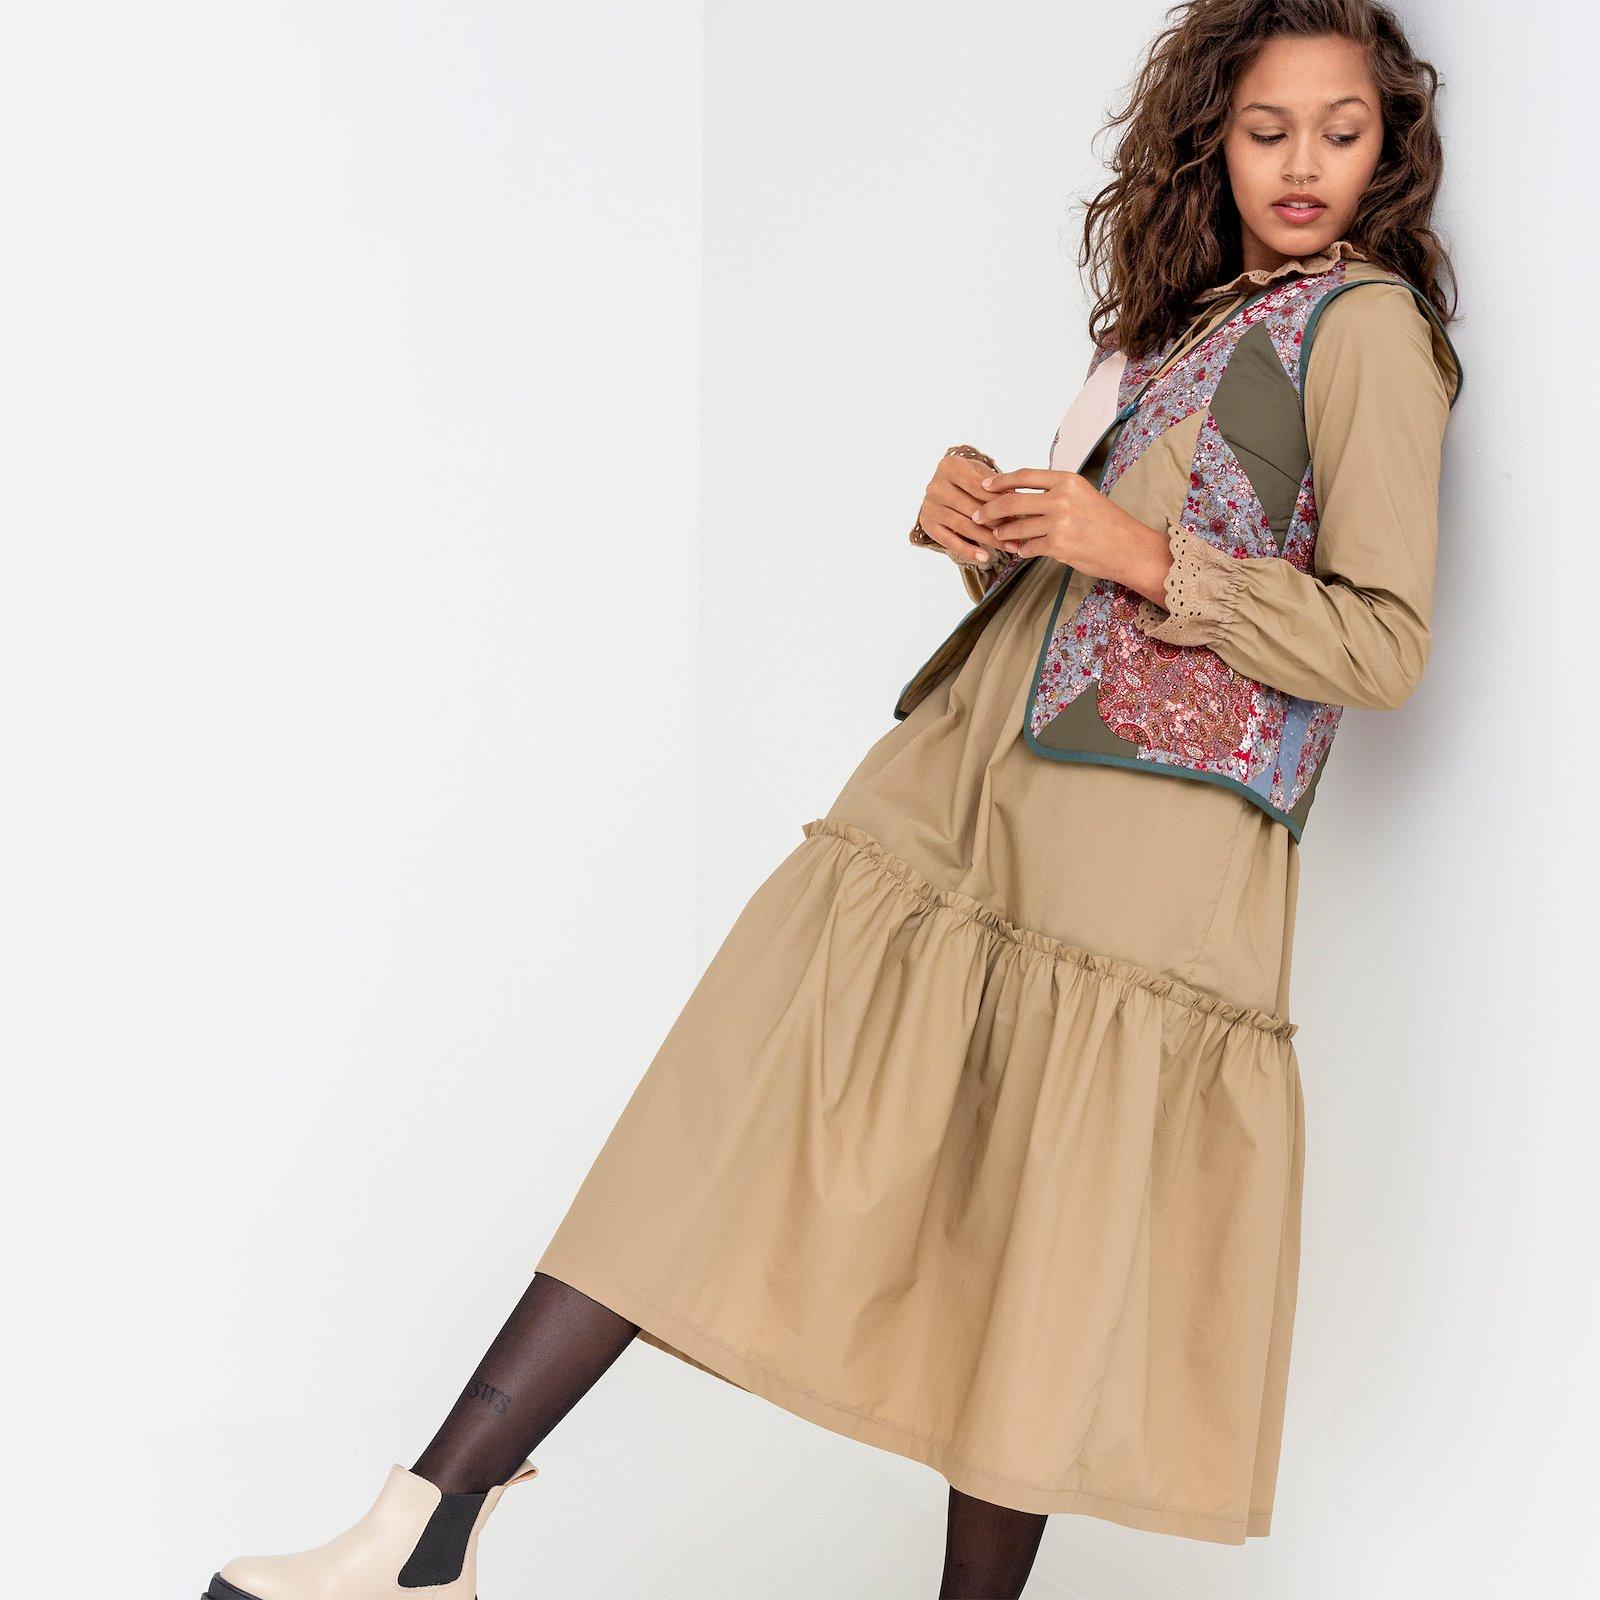 Smock dress, 38/10 p23159_540120_22216__sskit